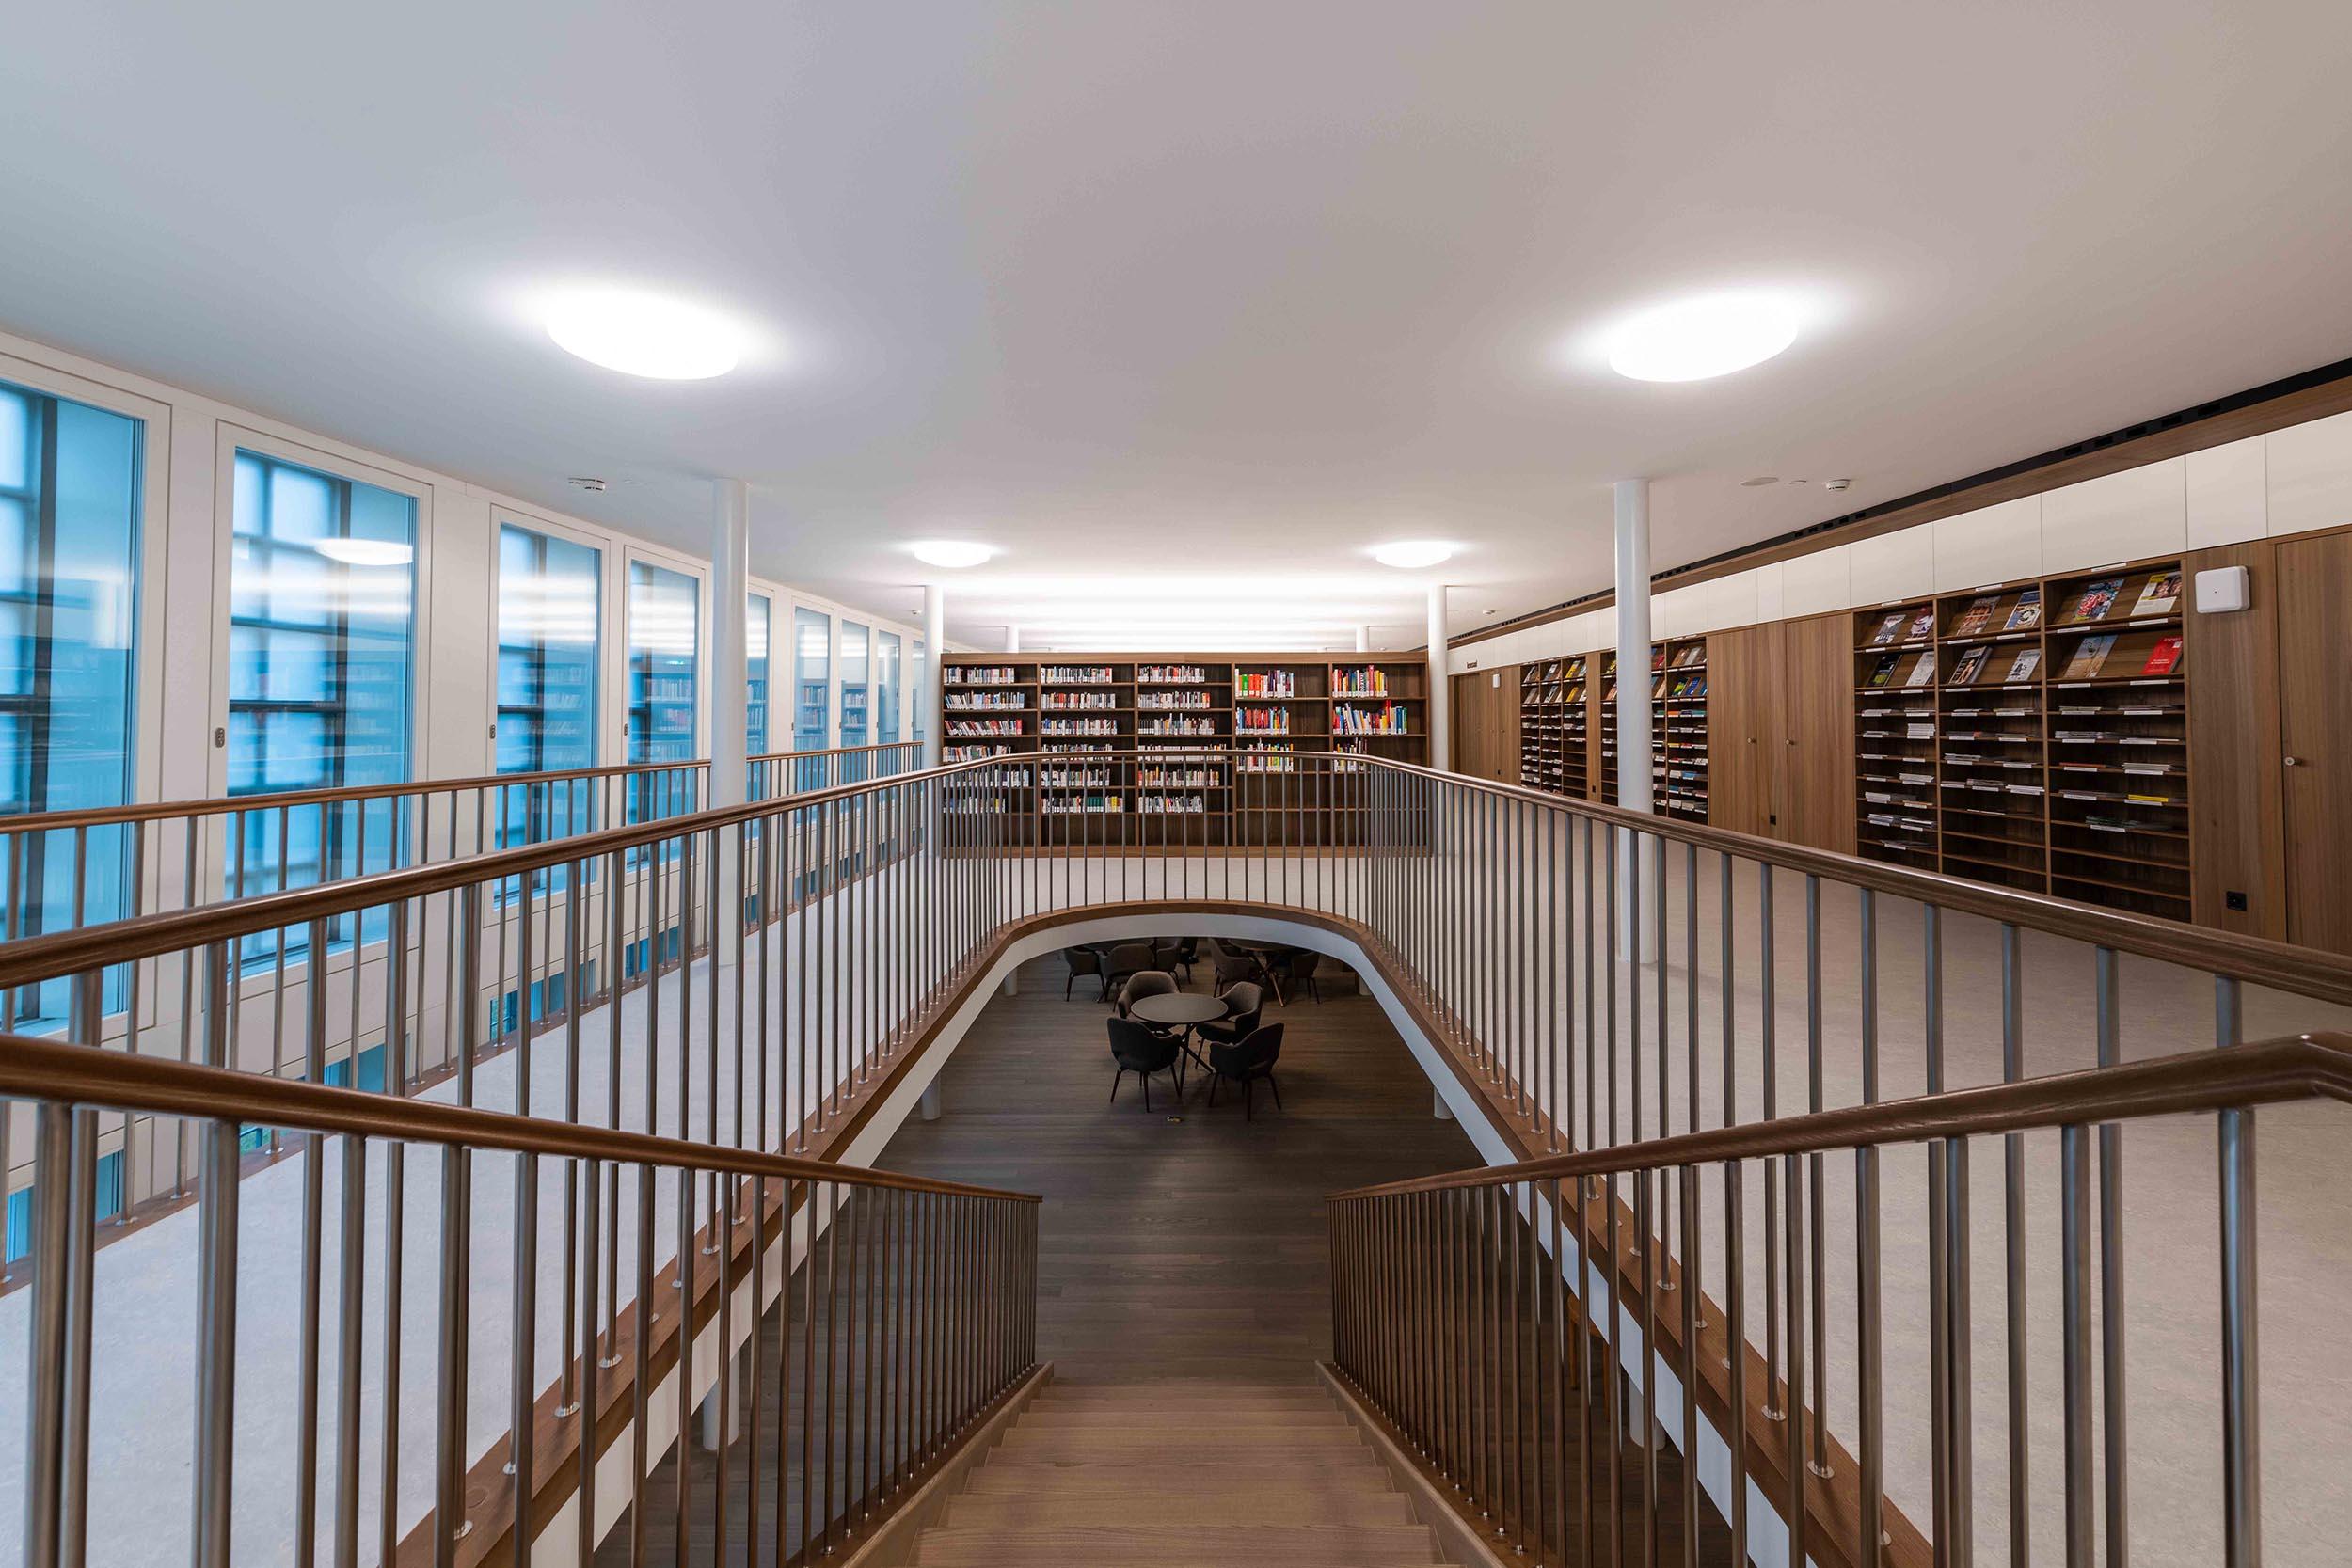 BuchwalderLinder_Bibliothek_PRINT-0881